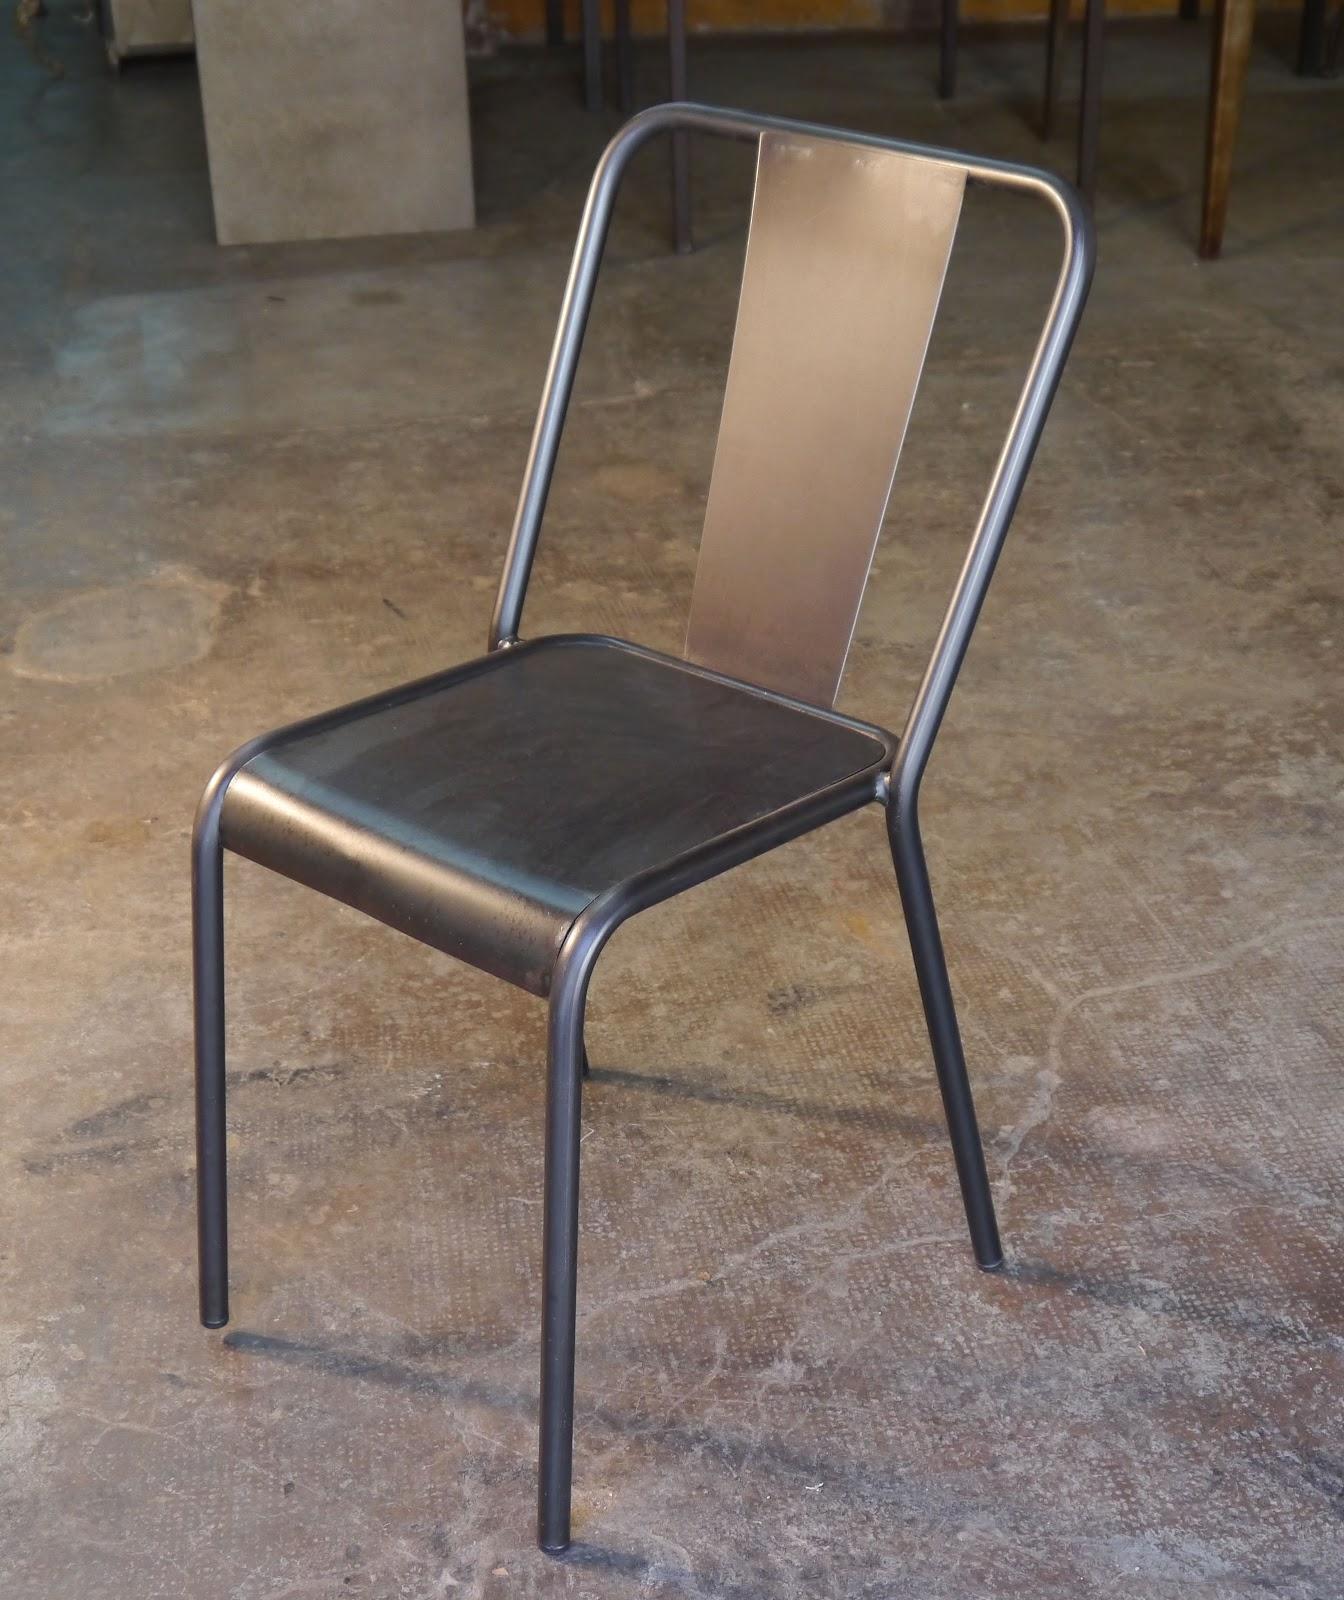 Sillas en color rojo mesas y sillas de estilo vintage - Sillas colores ...